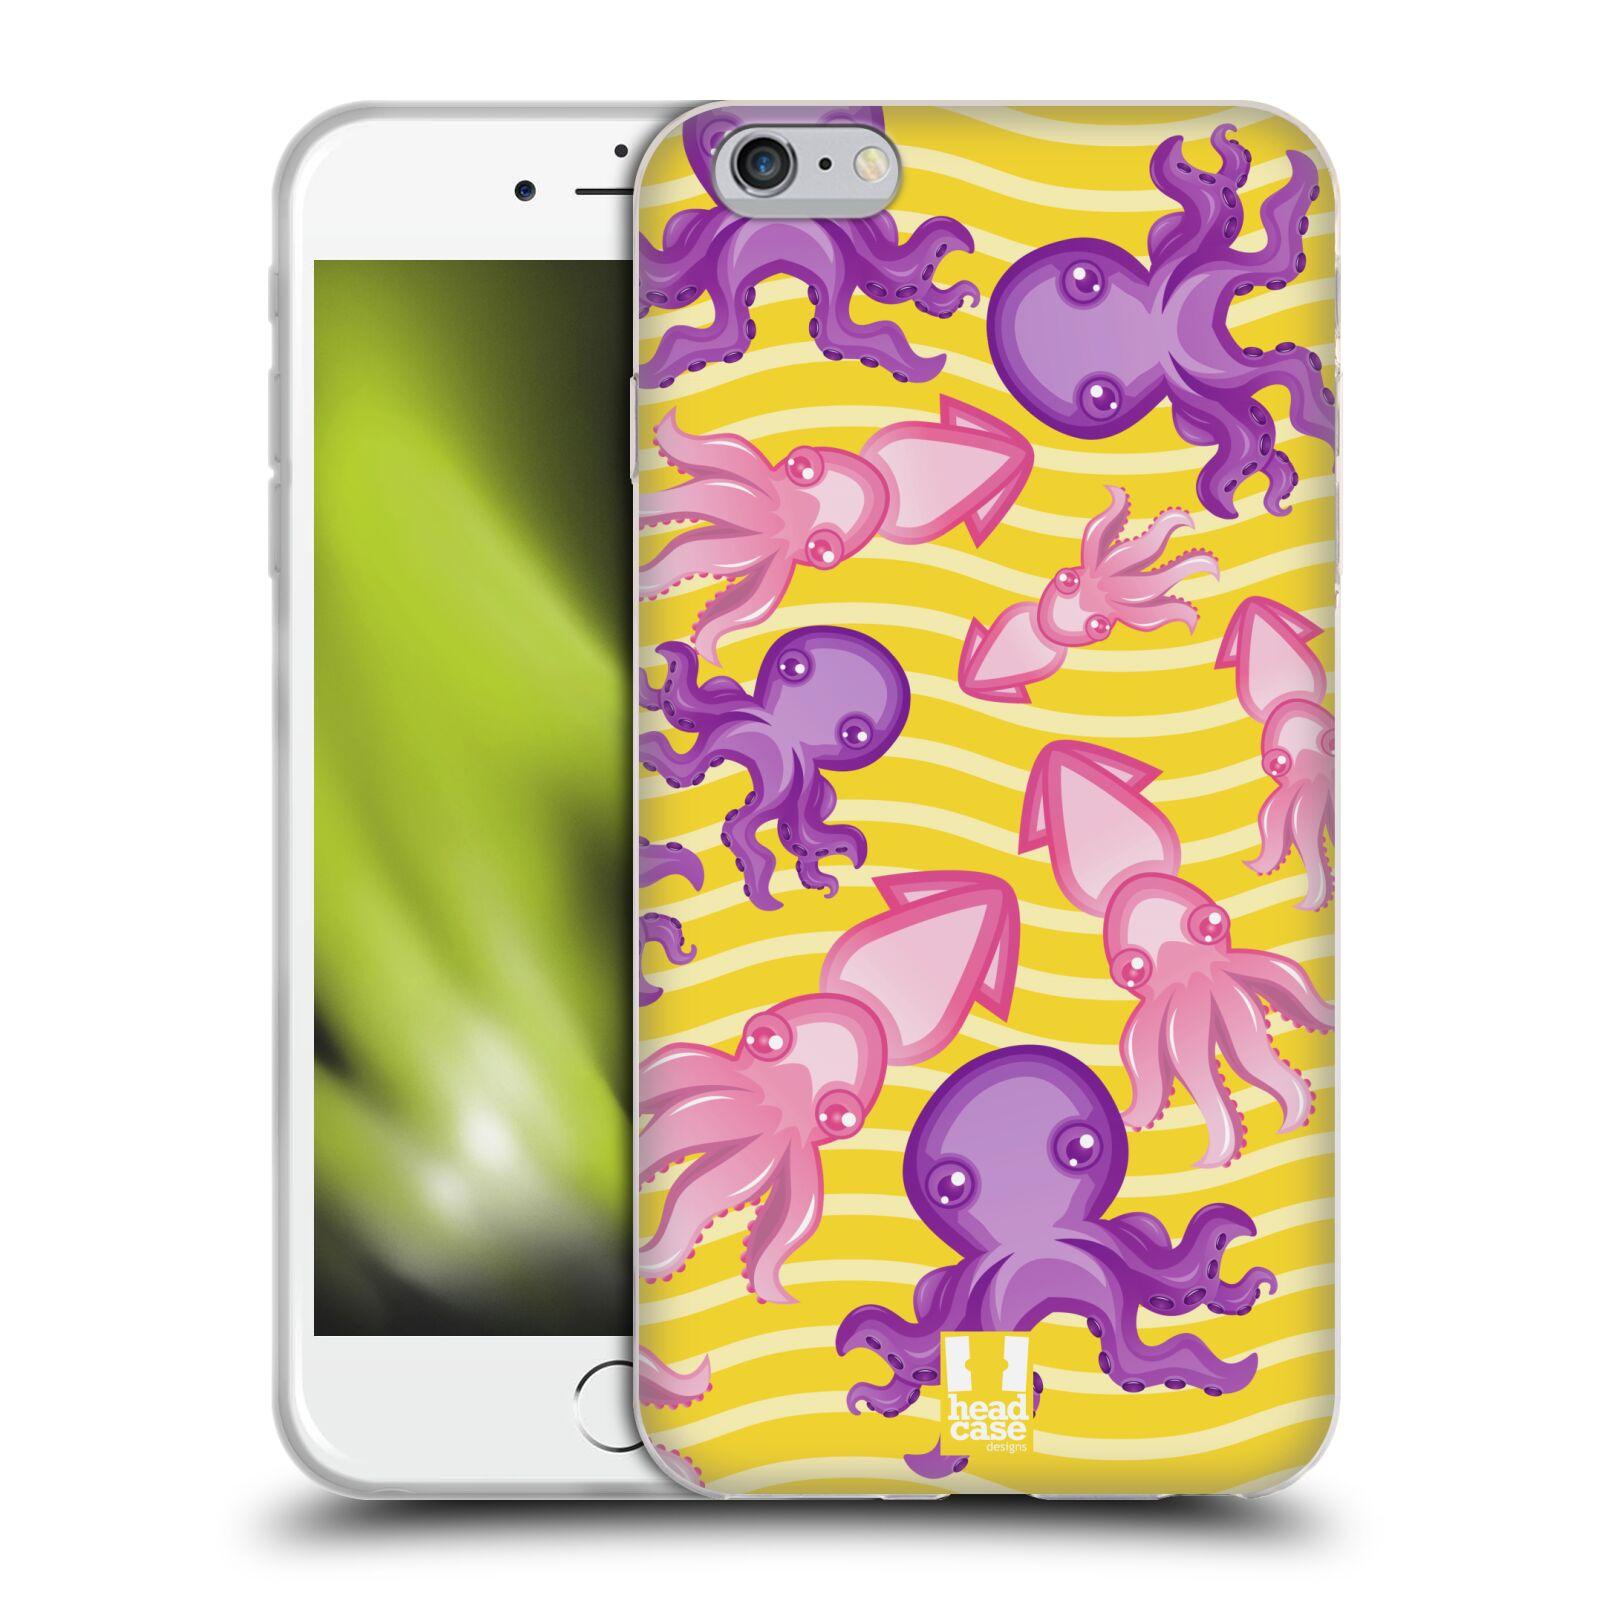 HEAD CASE silikonový obal na mobil Apple Iphone 6 PLUS/ 6S PLUS vzor mořský živočich chobotnice